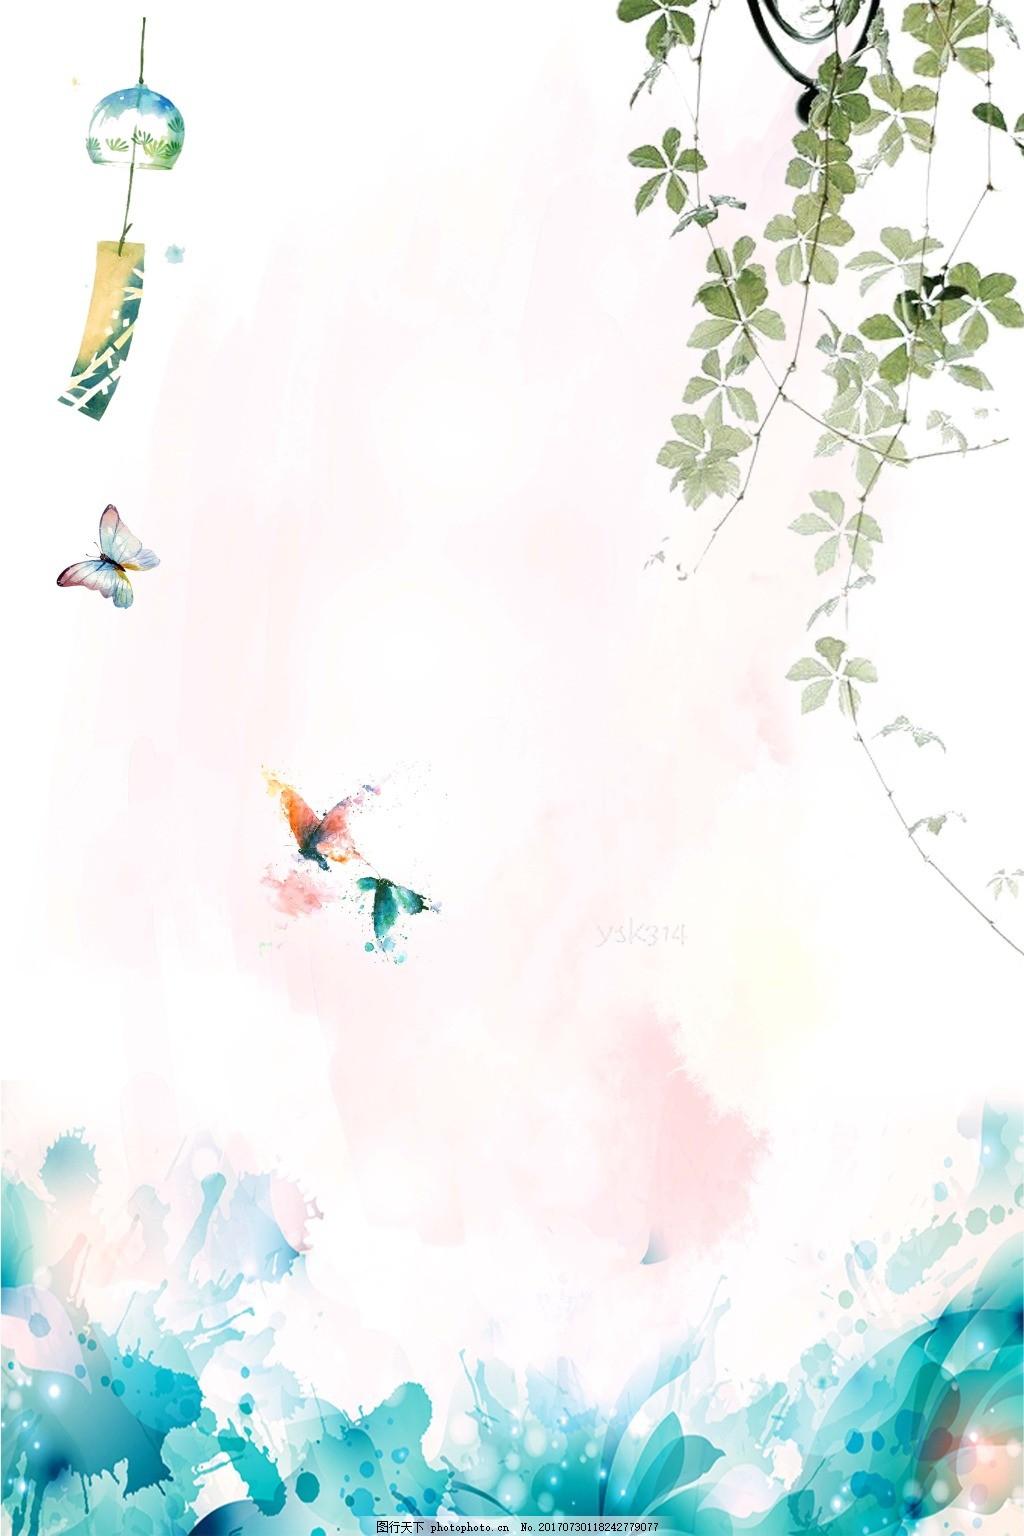 中国风绿藤蝴蝶吊坠背景 水墨画 蓝色渐变 晕染 彩色蝴蝶